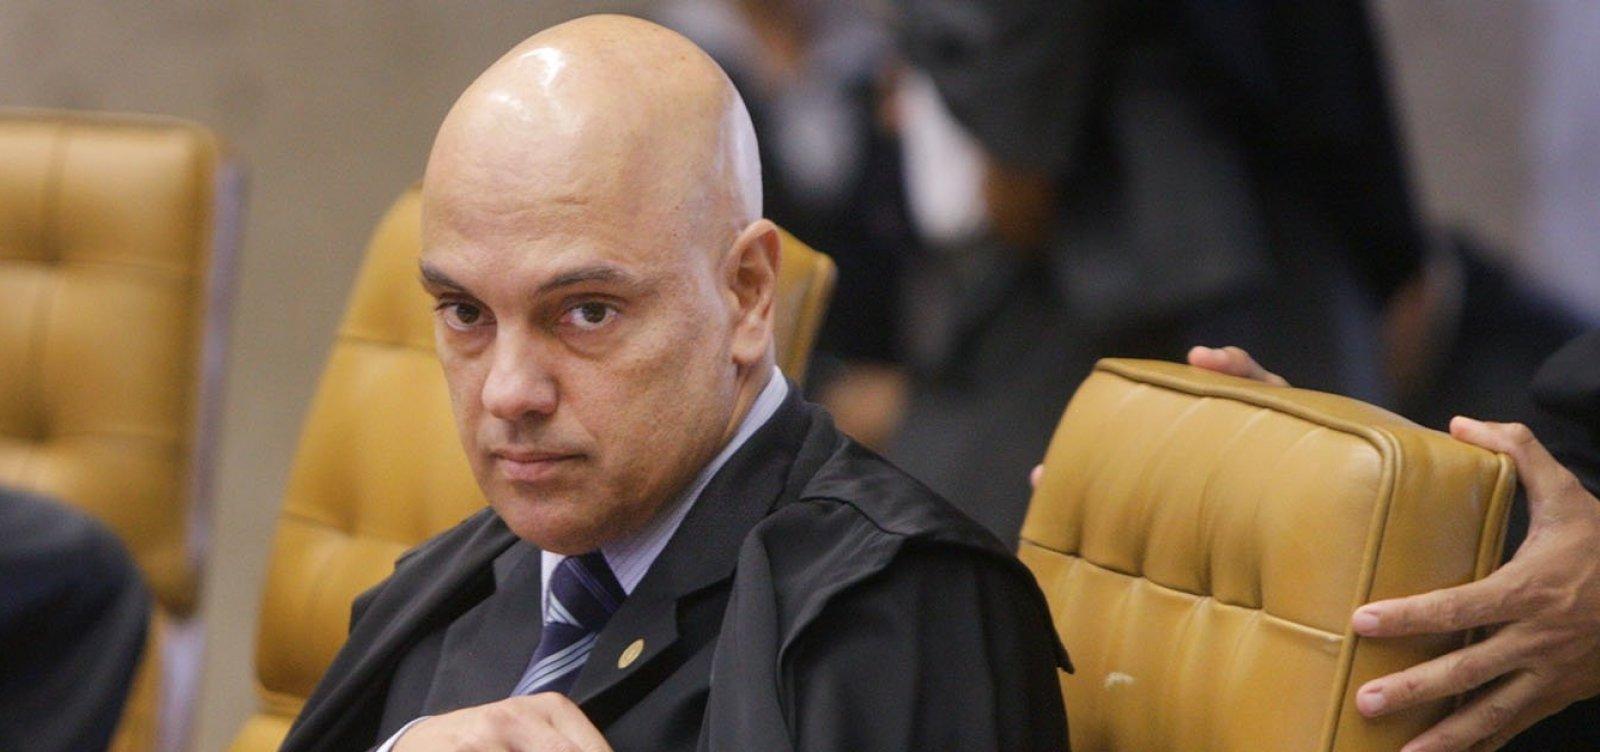 Ministro do STF justifica censura antes da verificação de possível fake news